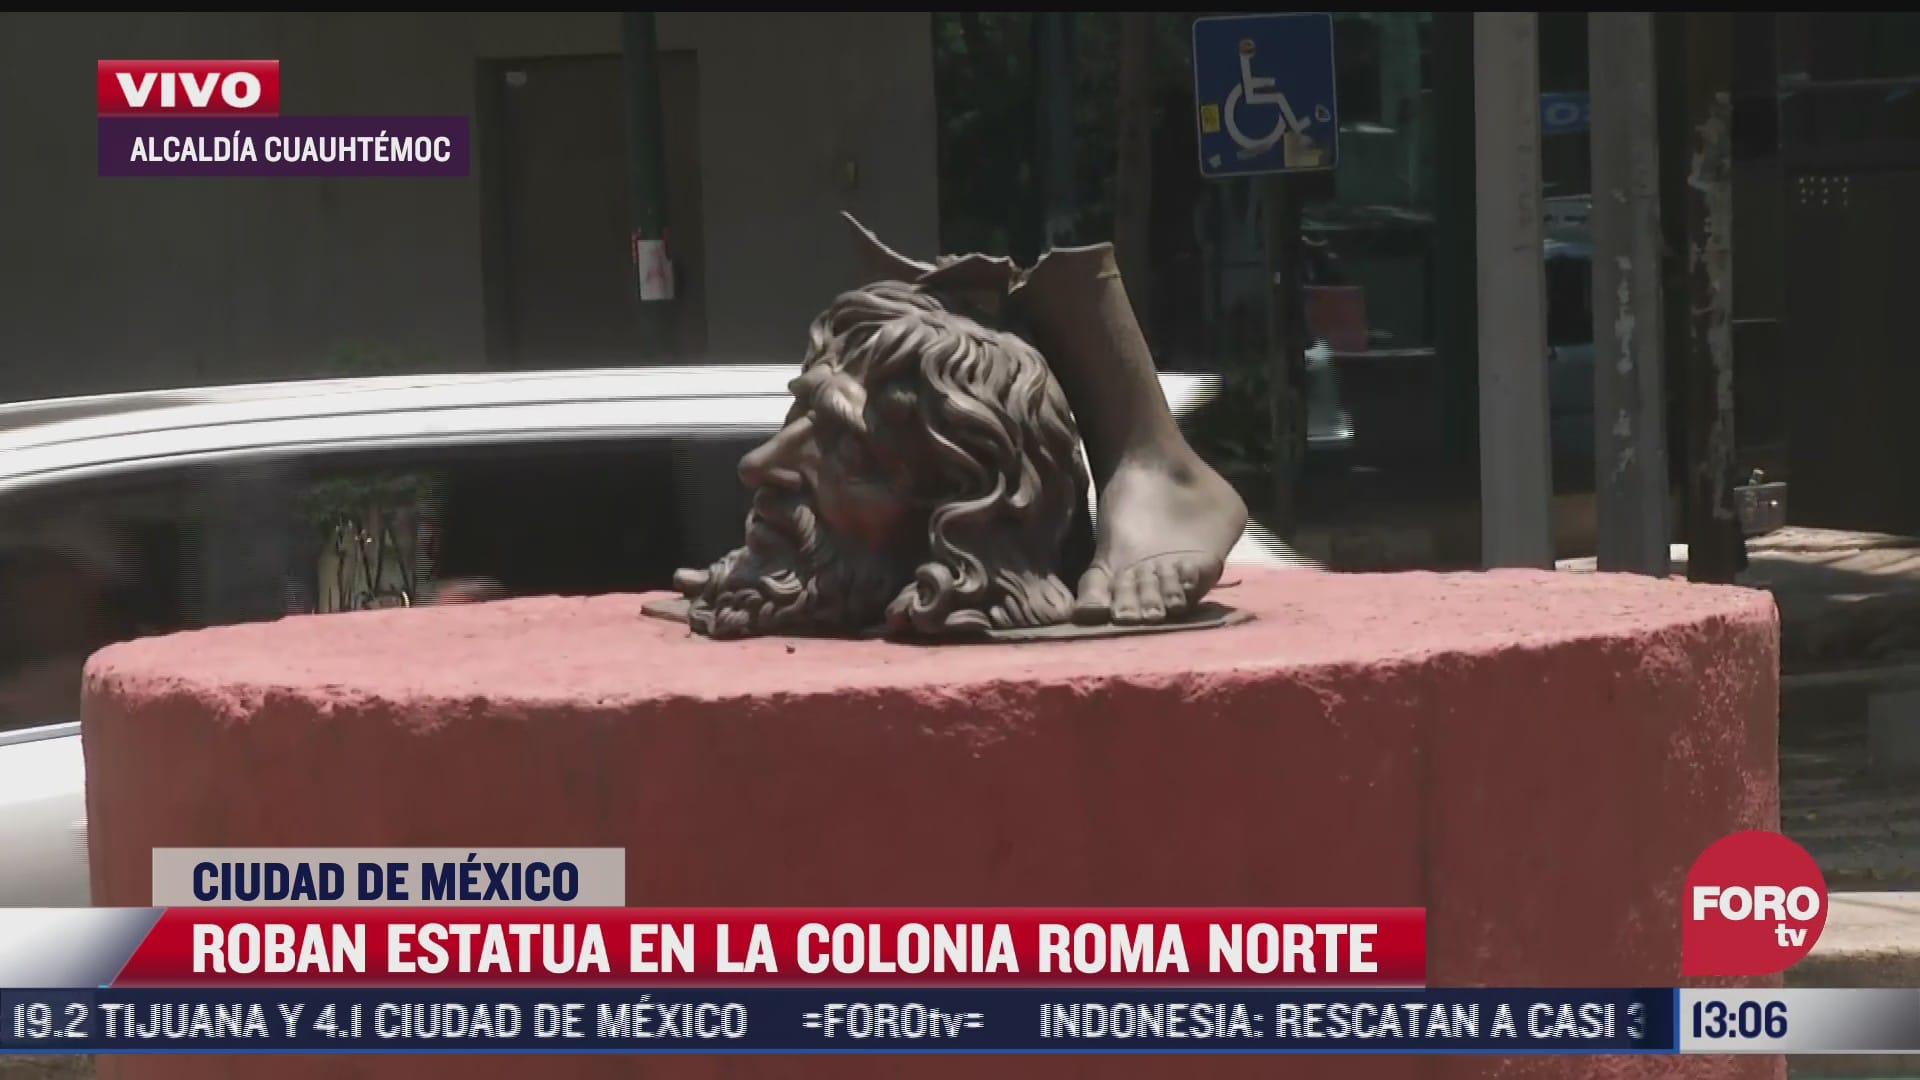 roban estatua en la colonia roma norte